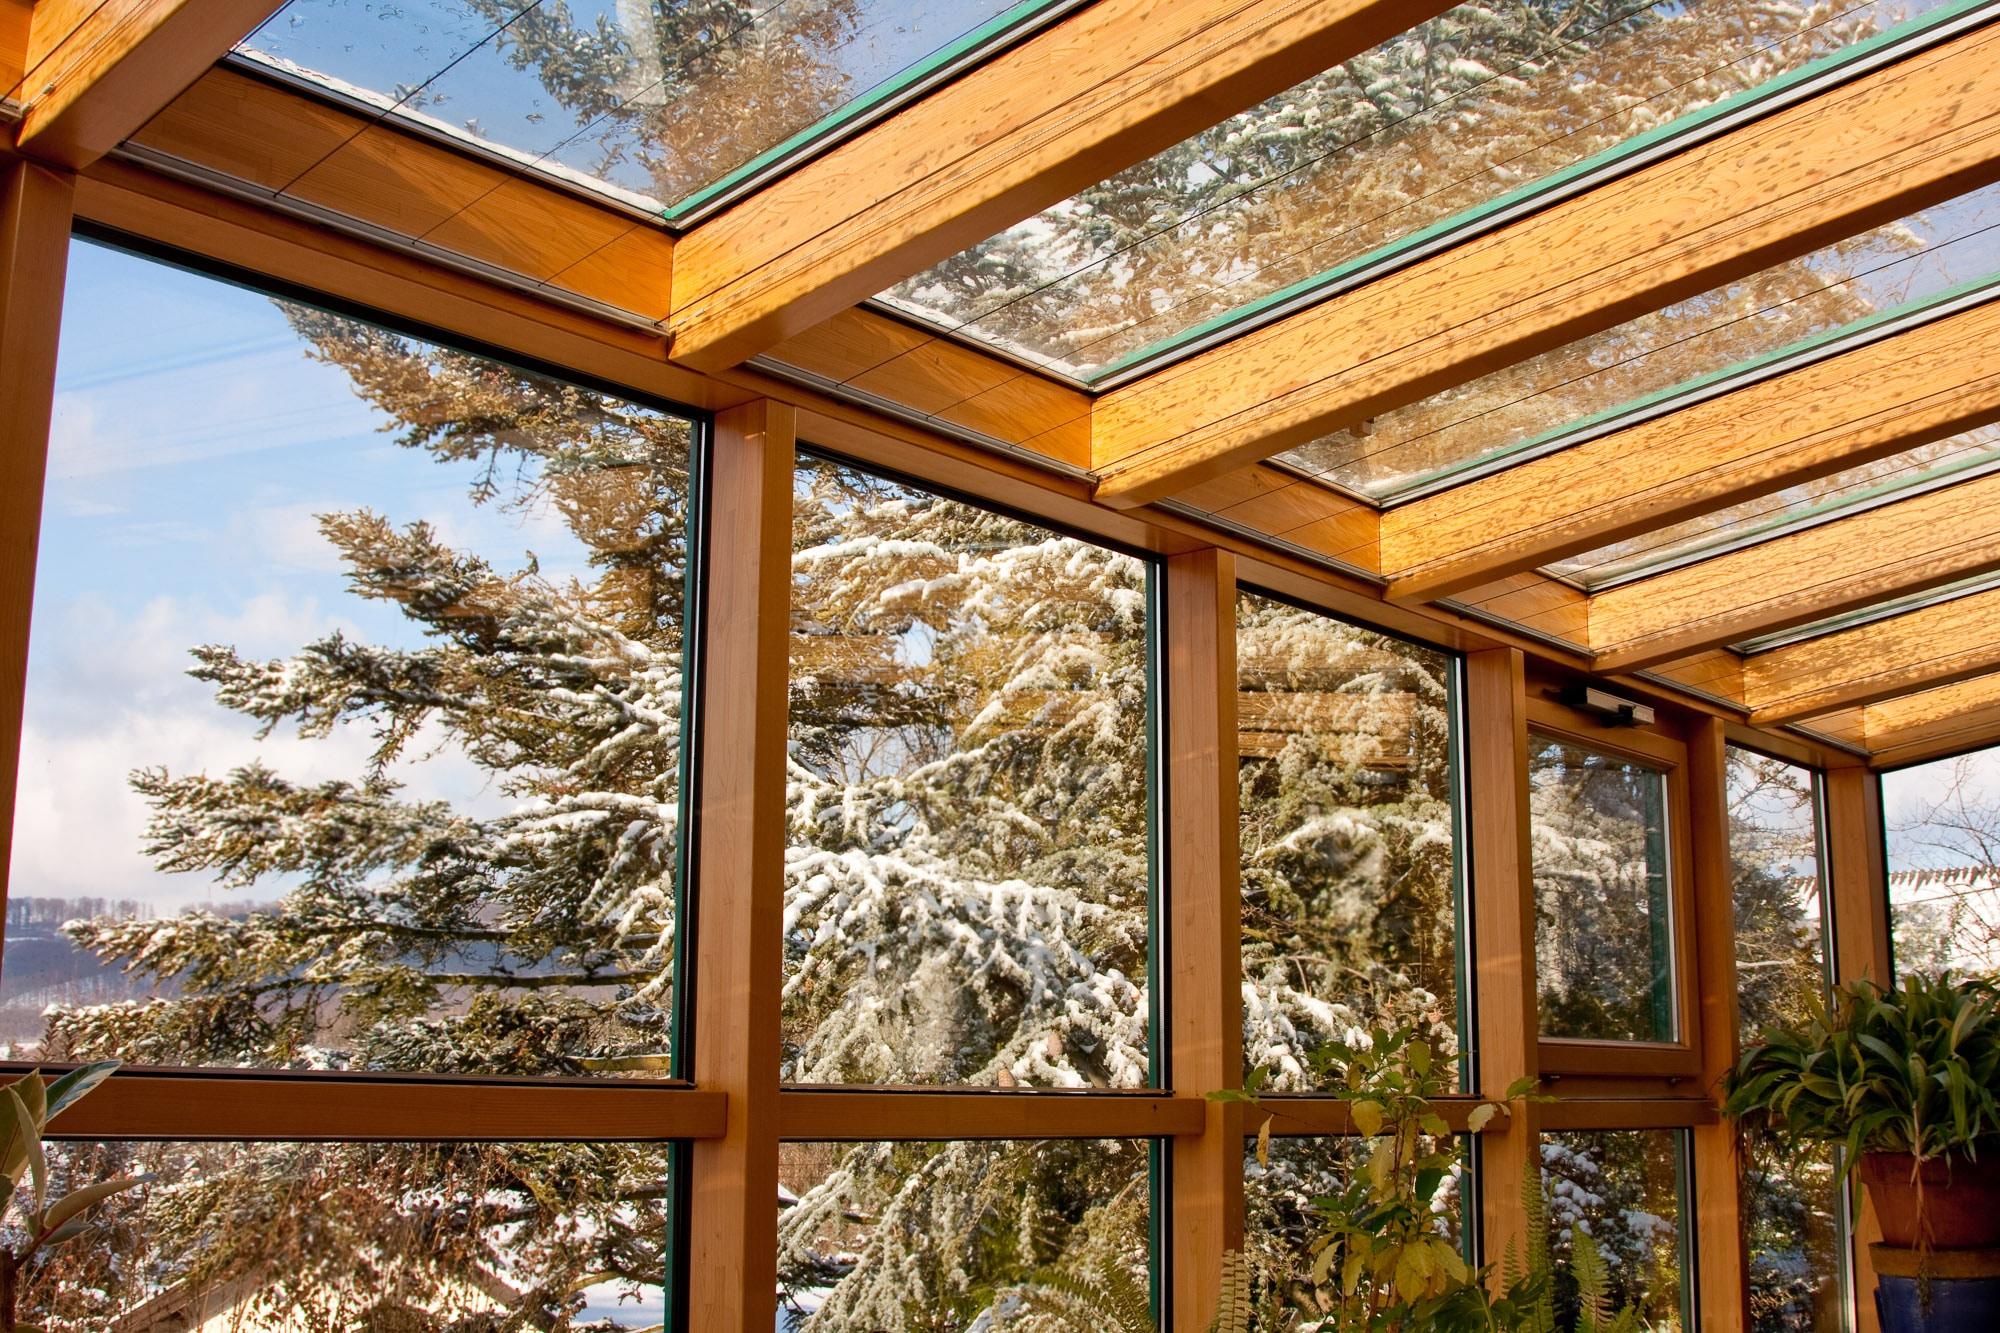 Wintergarten: T-STRIPE Fensterheizung / Fassadenheizung vermeidet Kondenswasser am Fenster und erhöht den Wohnkompfort